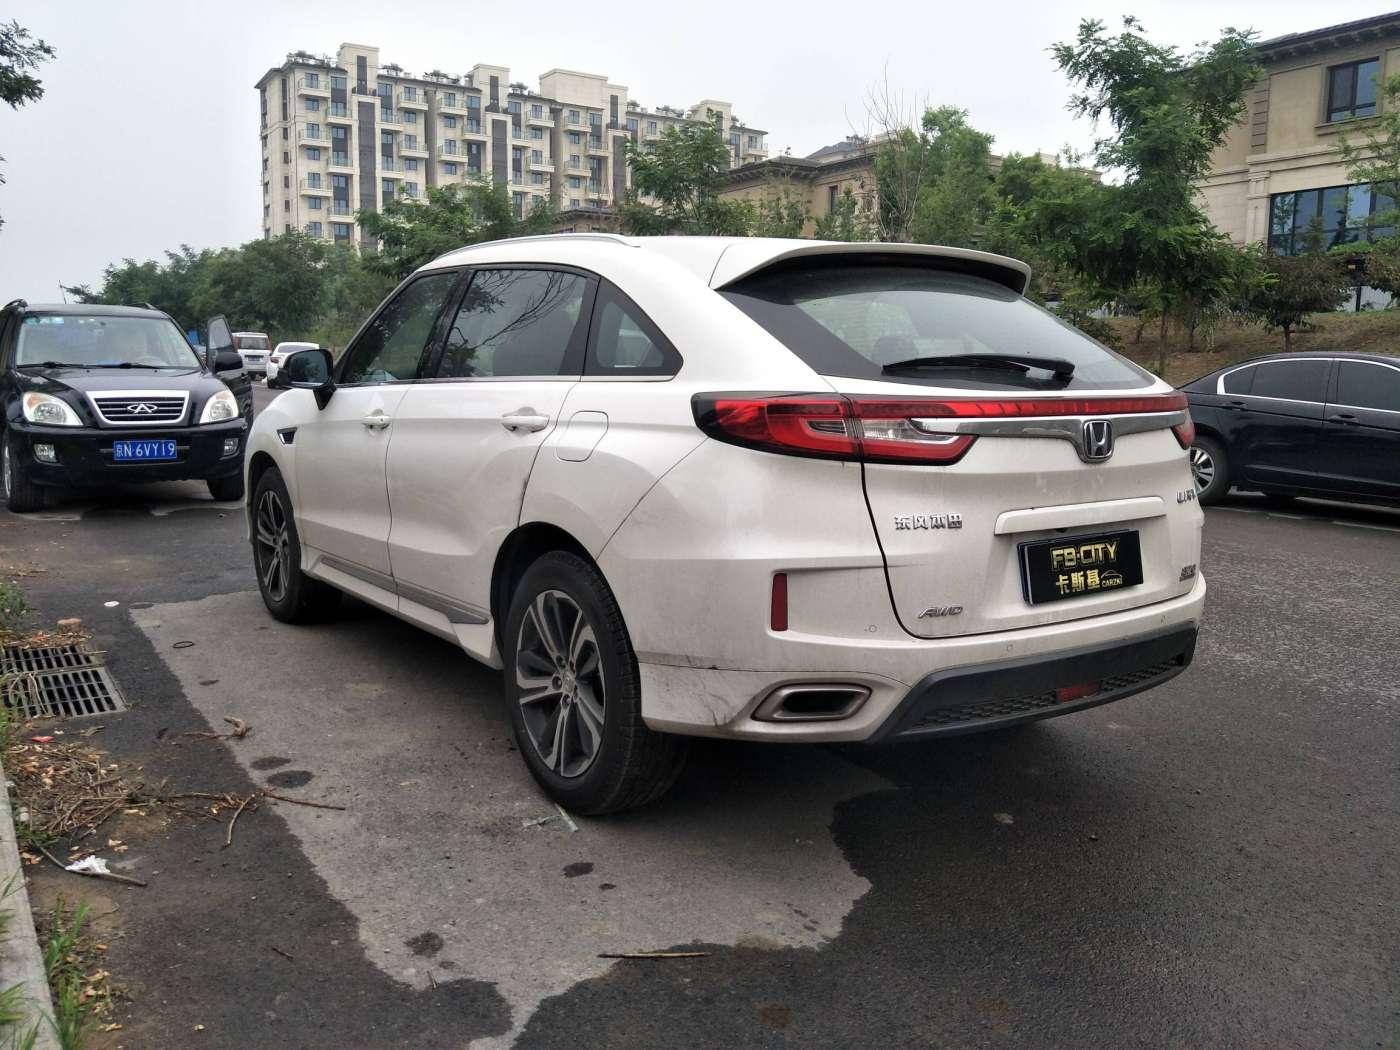 2017年08月 2017款 本田UR-V 370TURBO 四驱尊耀版|甄选本田-北京卡斯基汽车服务有限公司